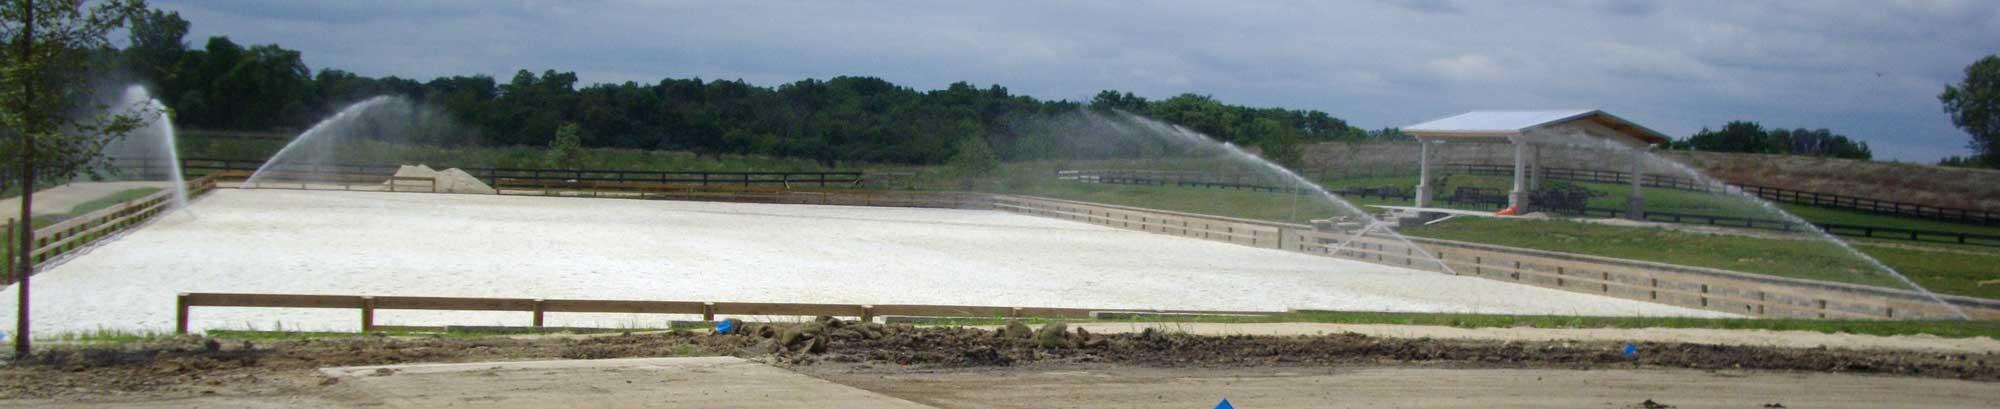 irrigation-banner